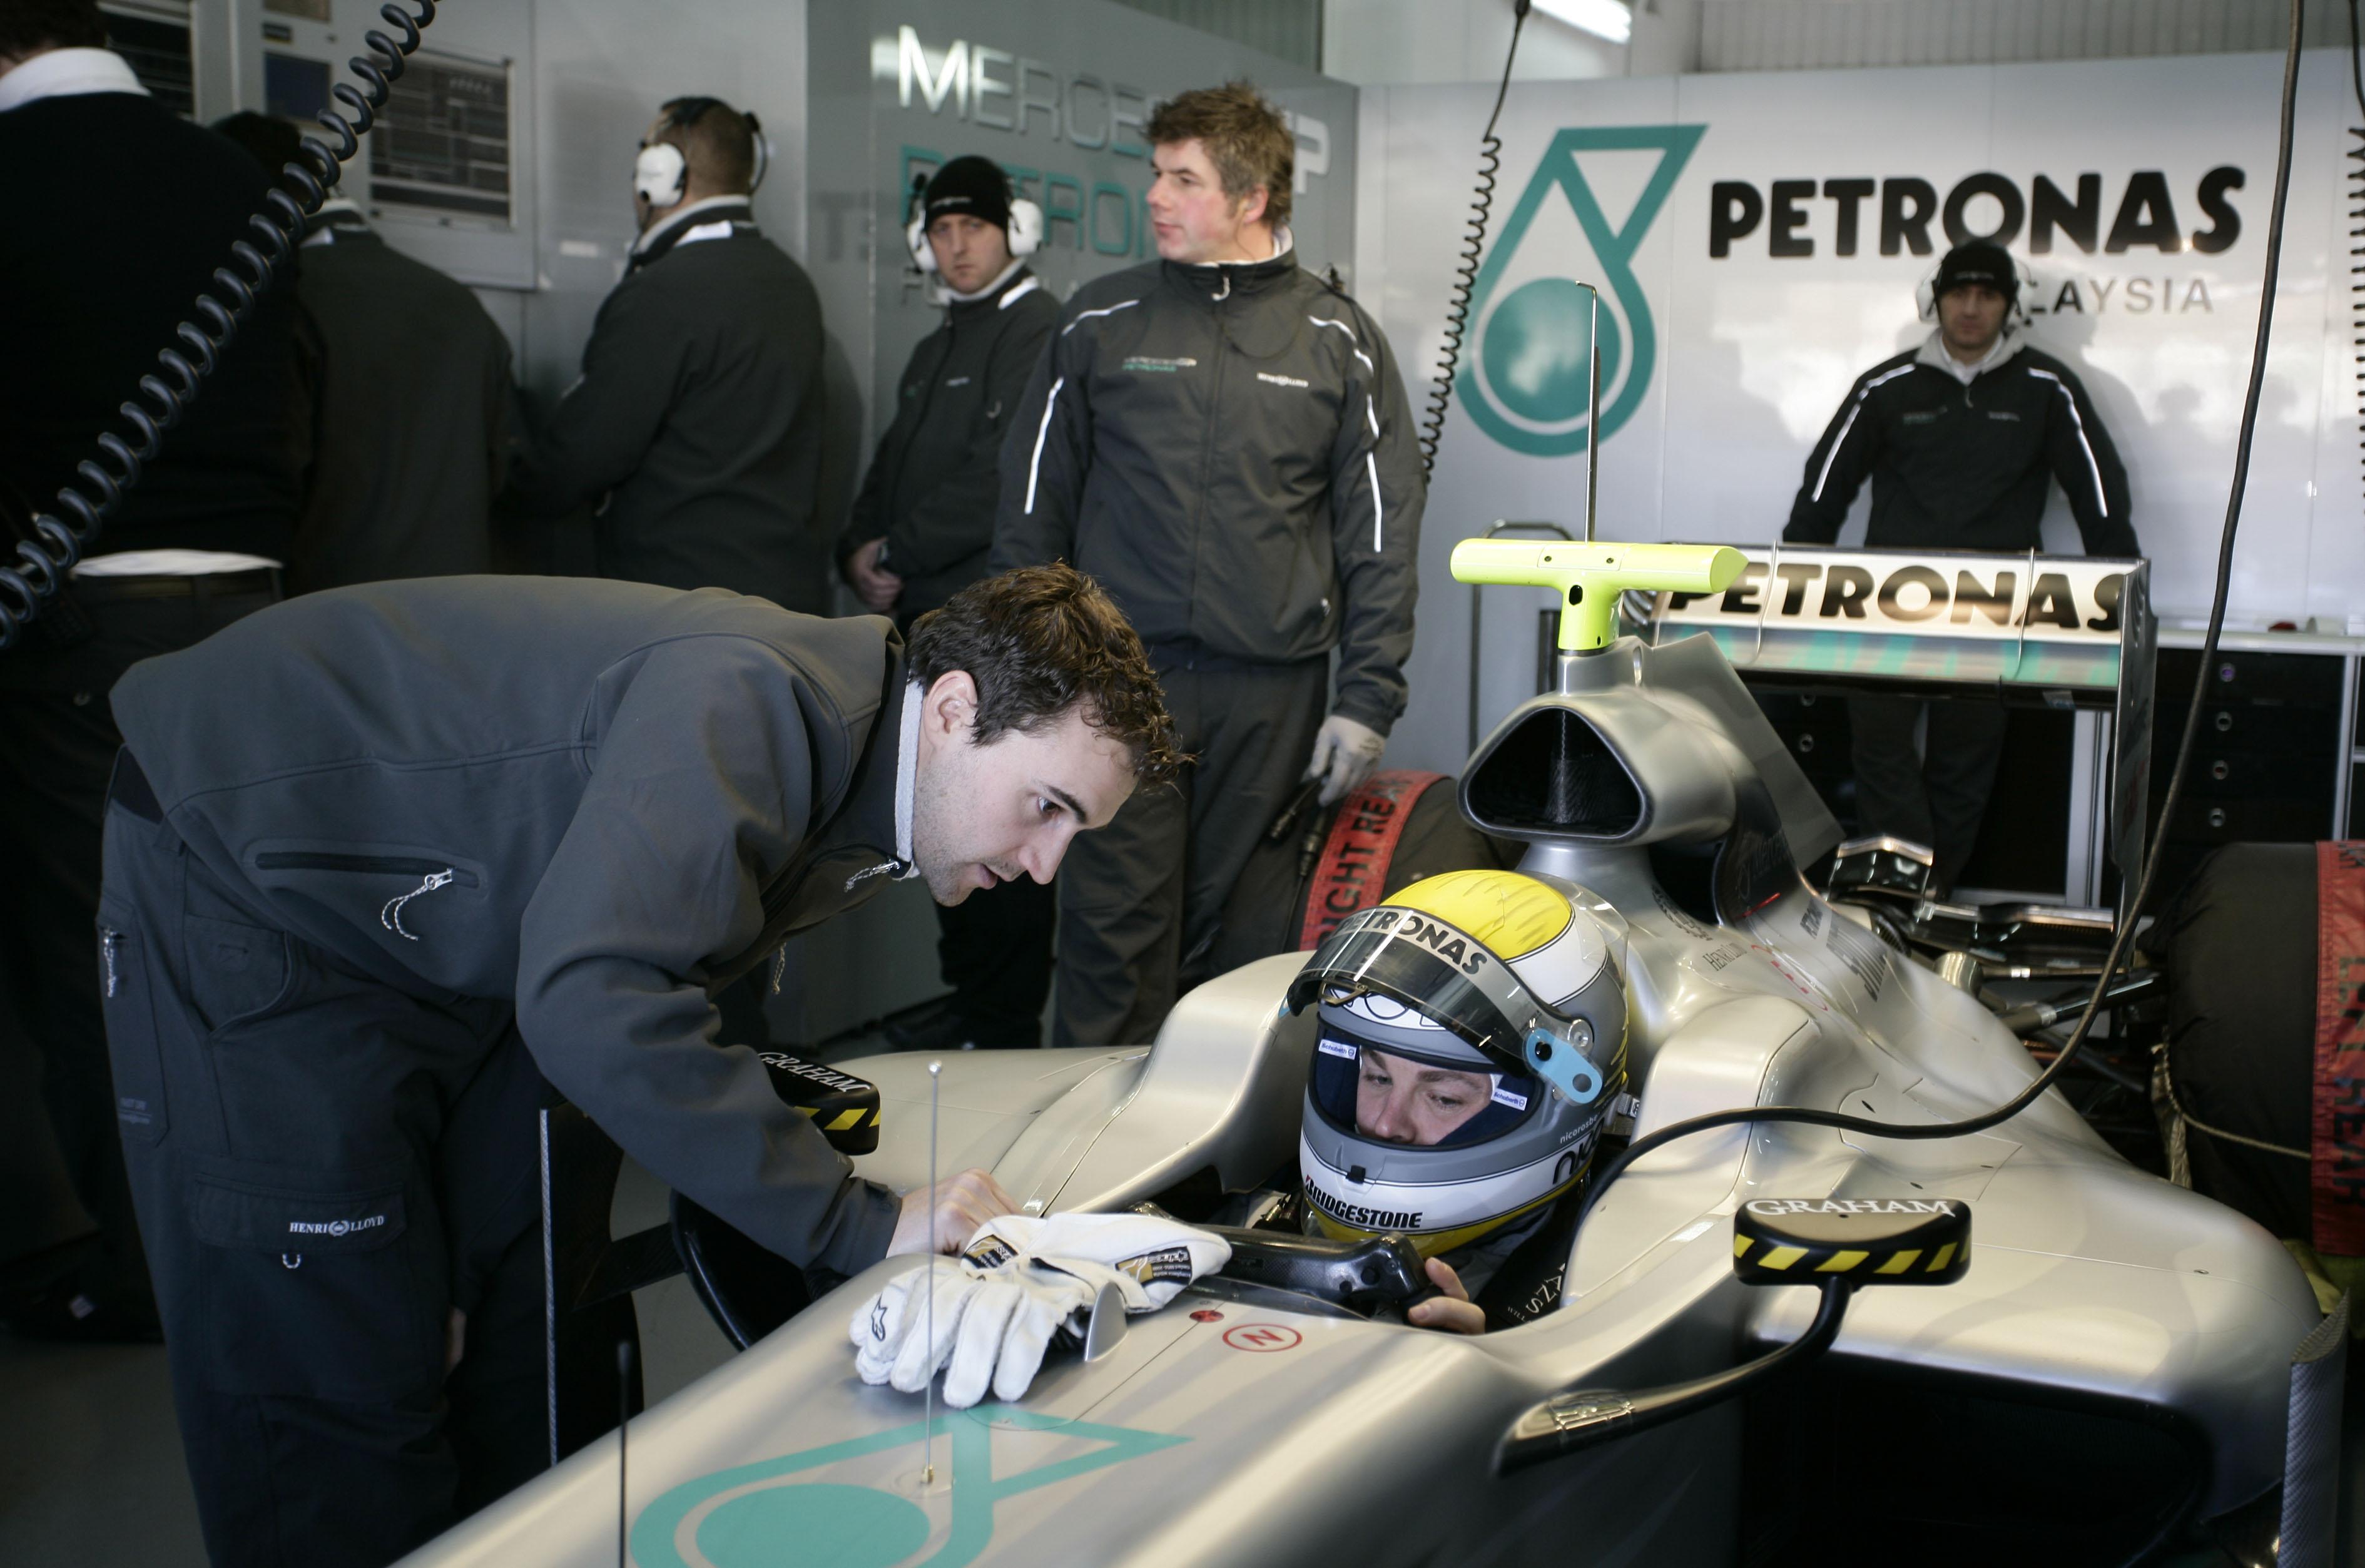 Seconda giornata di prove a Valencia: Massa il più veloce